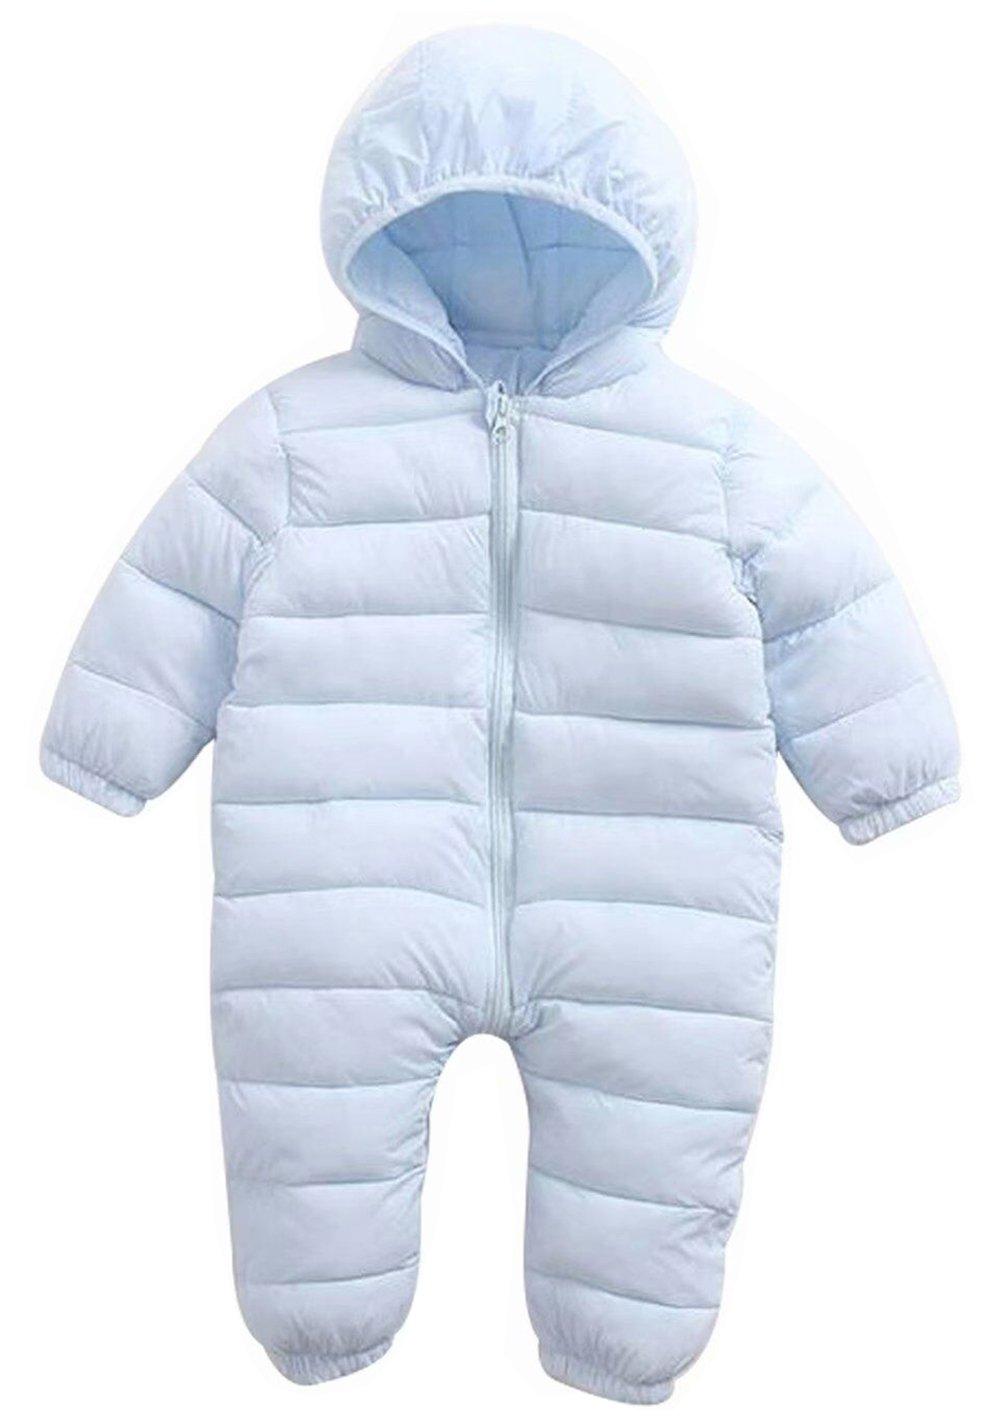 EGELEXY Baby Unisex Winter Snowsuit Down Jacket Kids Snow Wear Hooded Puffer Jumpsuit